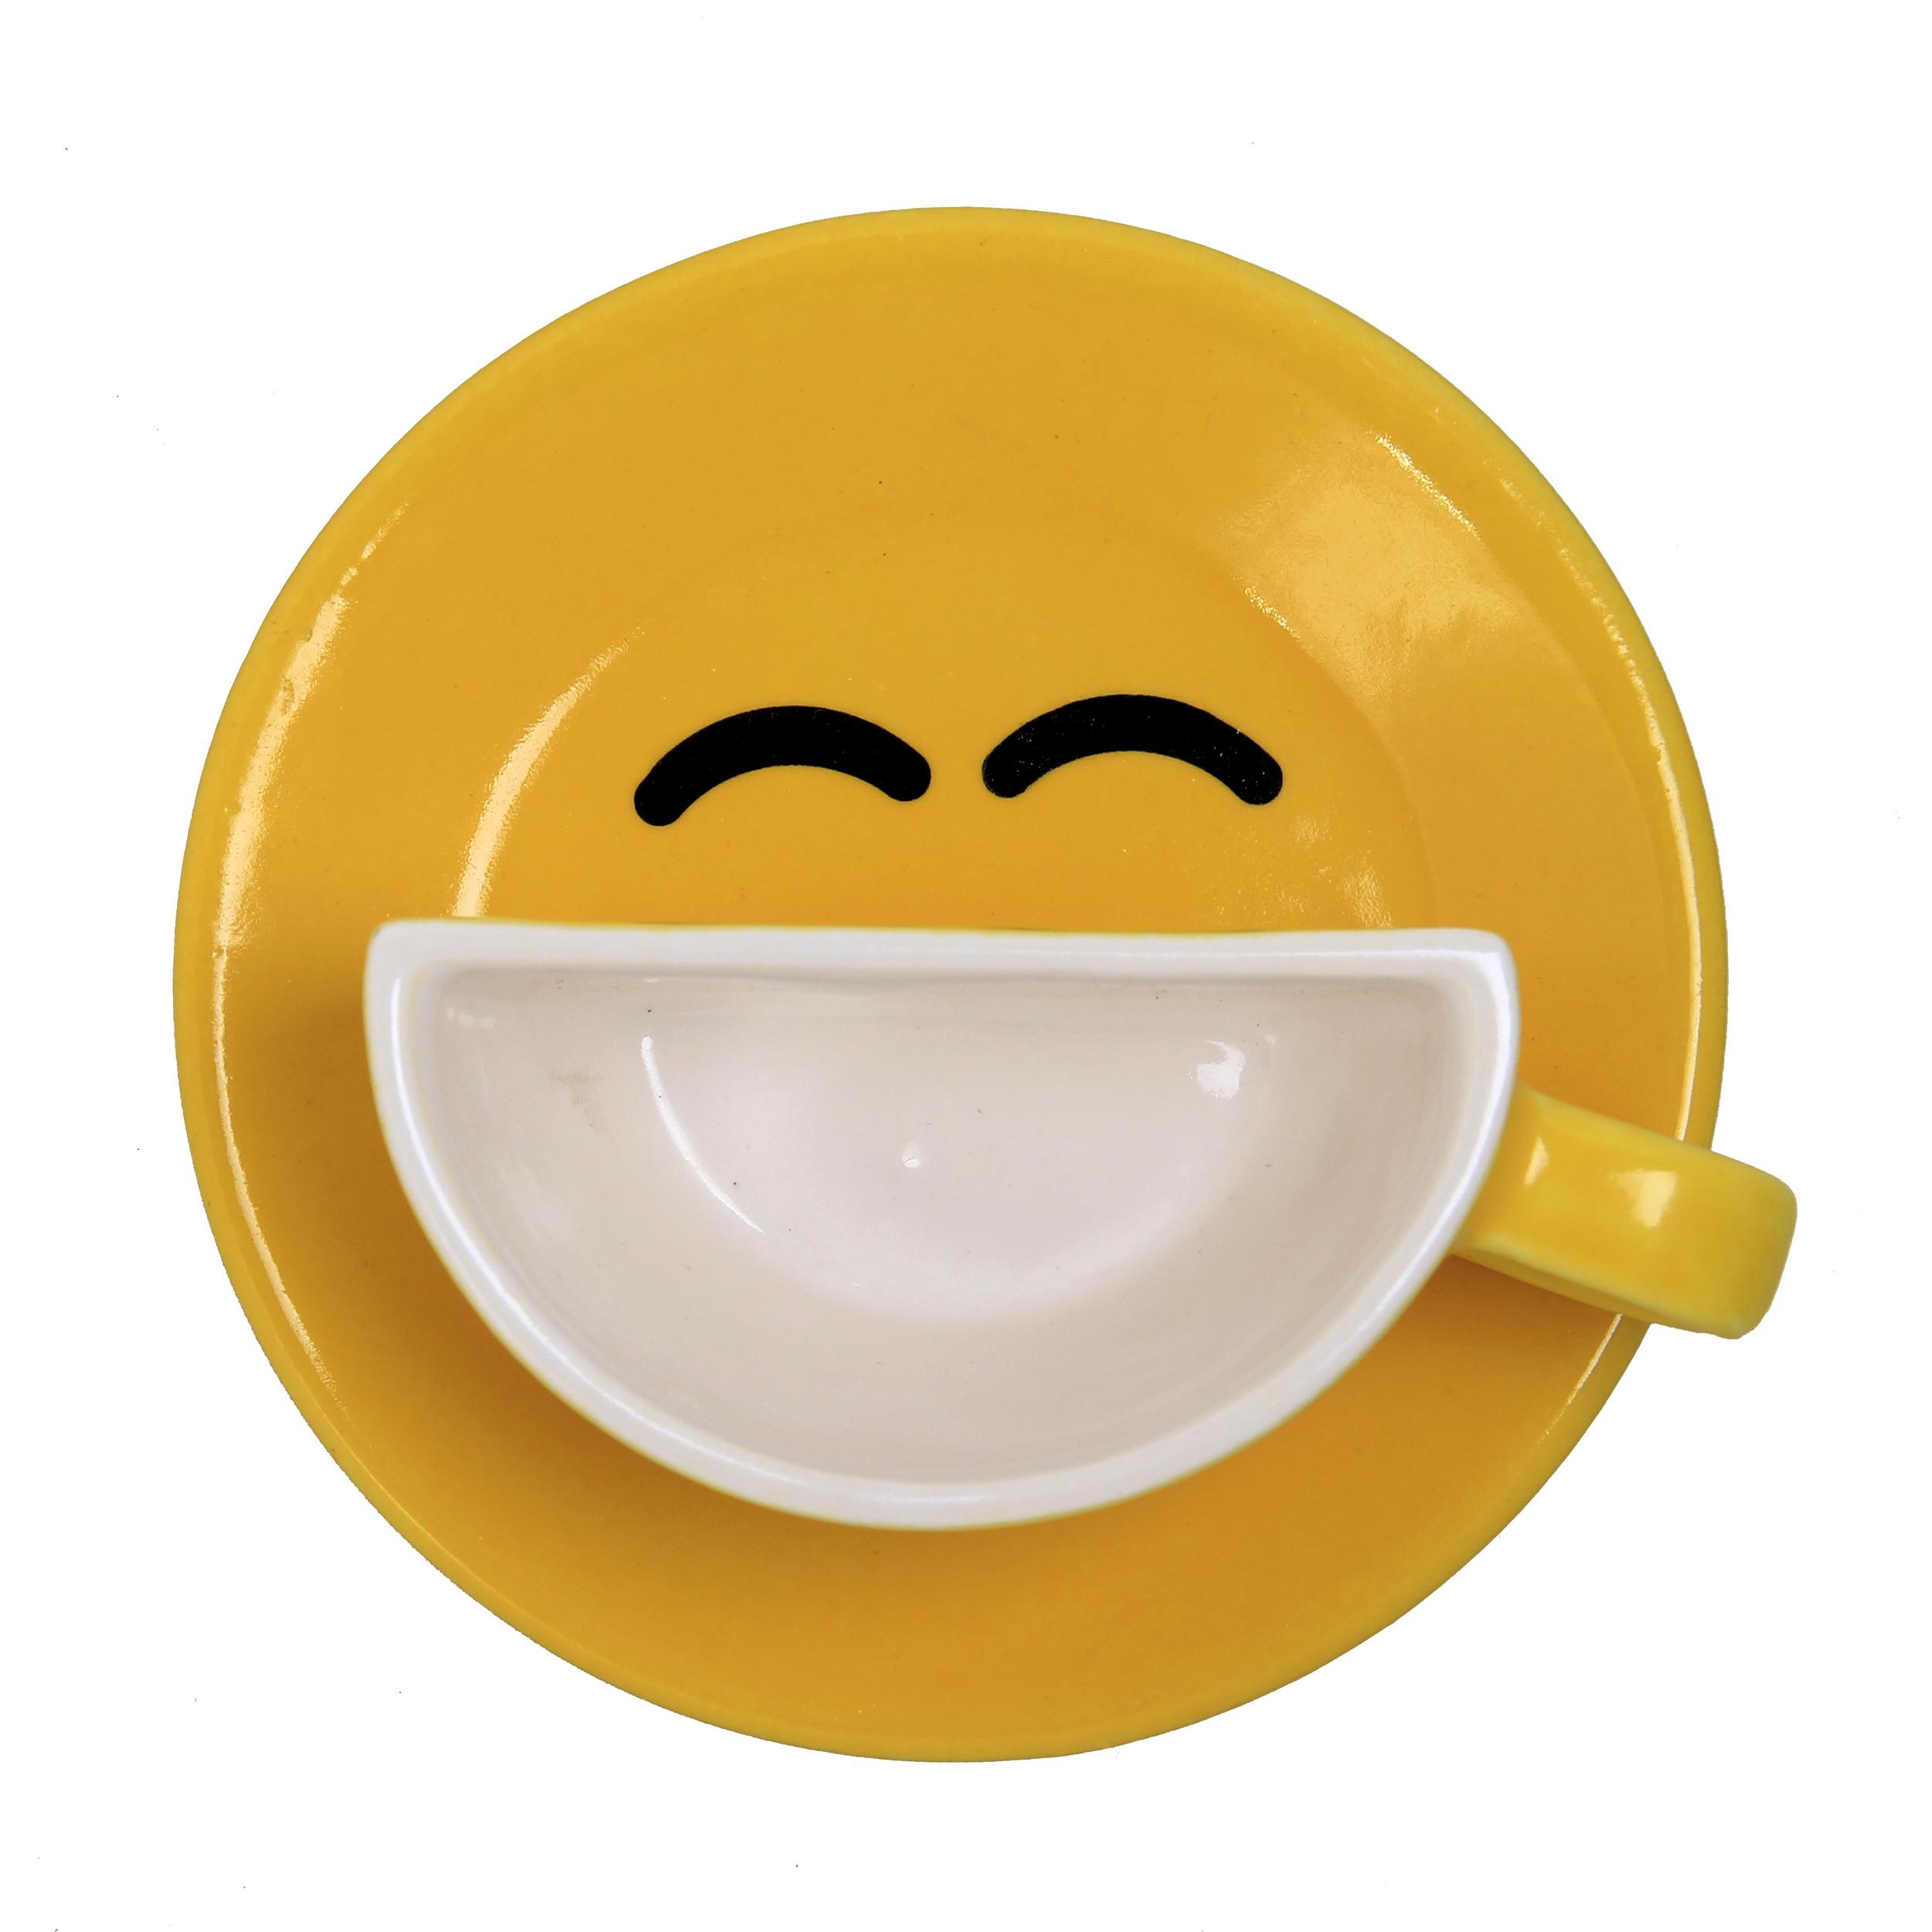 فنجان و نعلبکی طرح لبخند مدل Y01